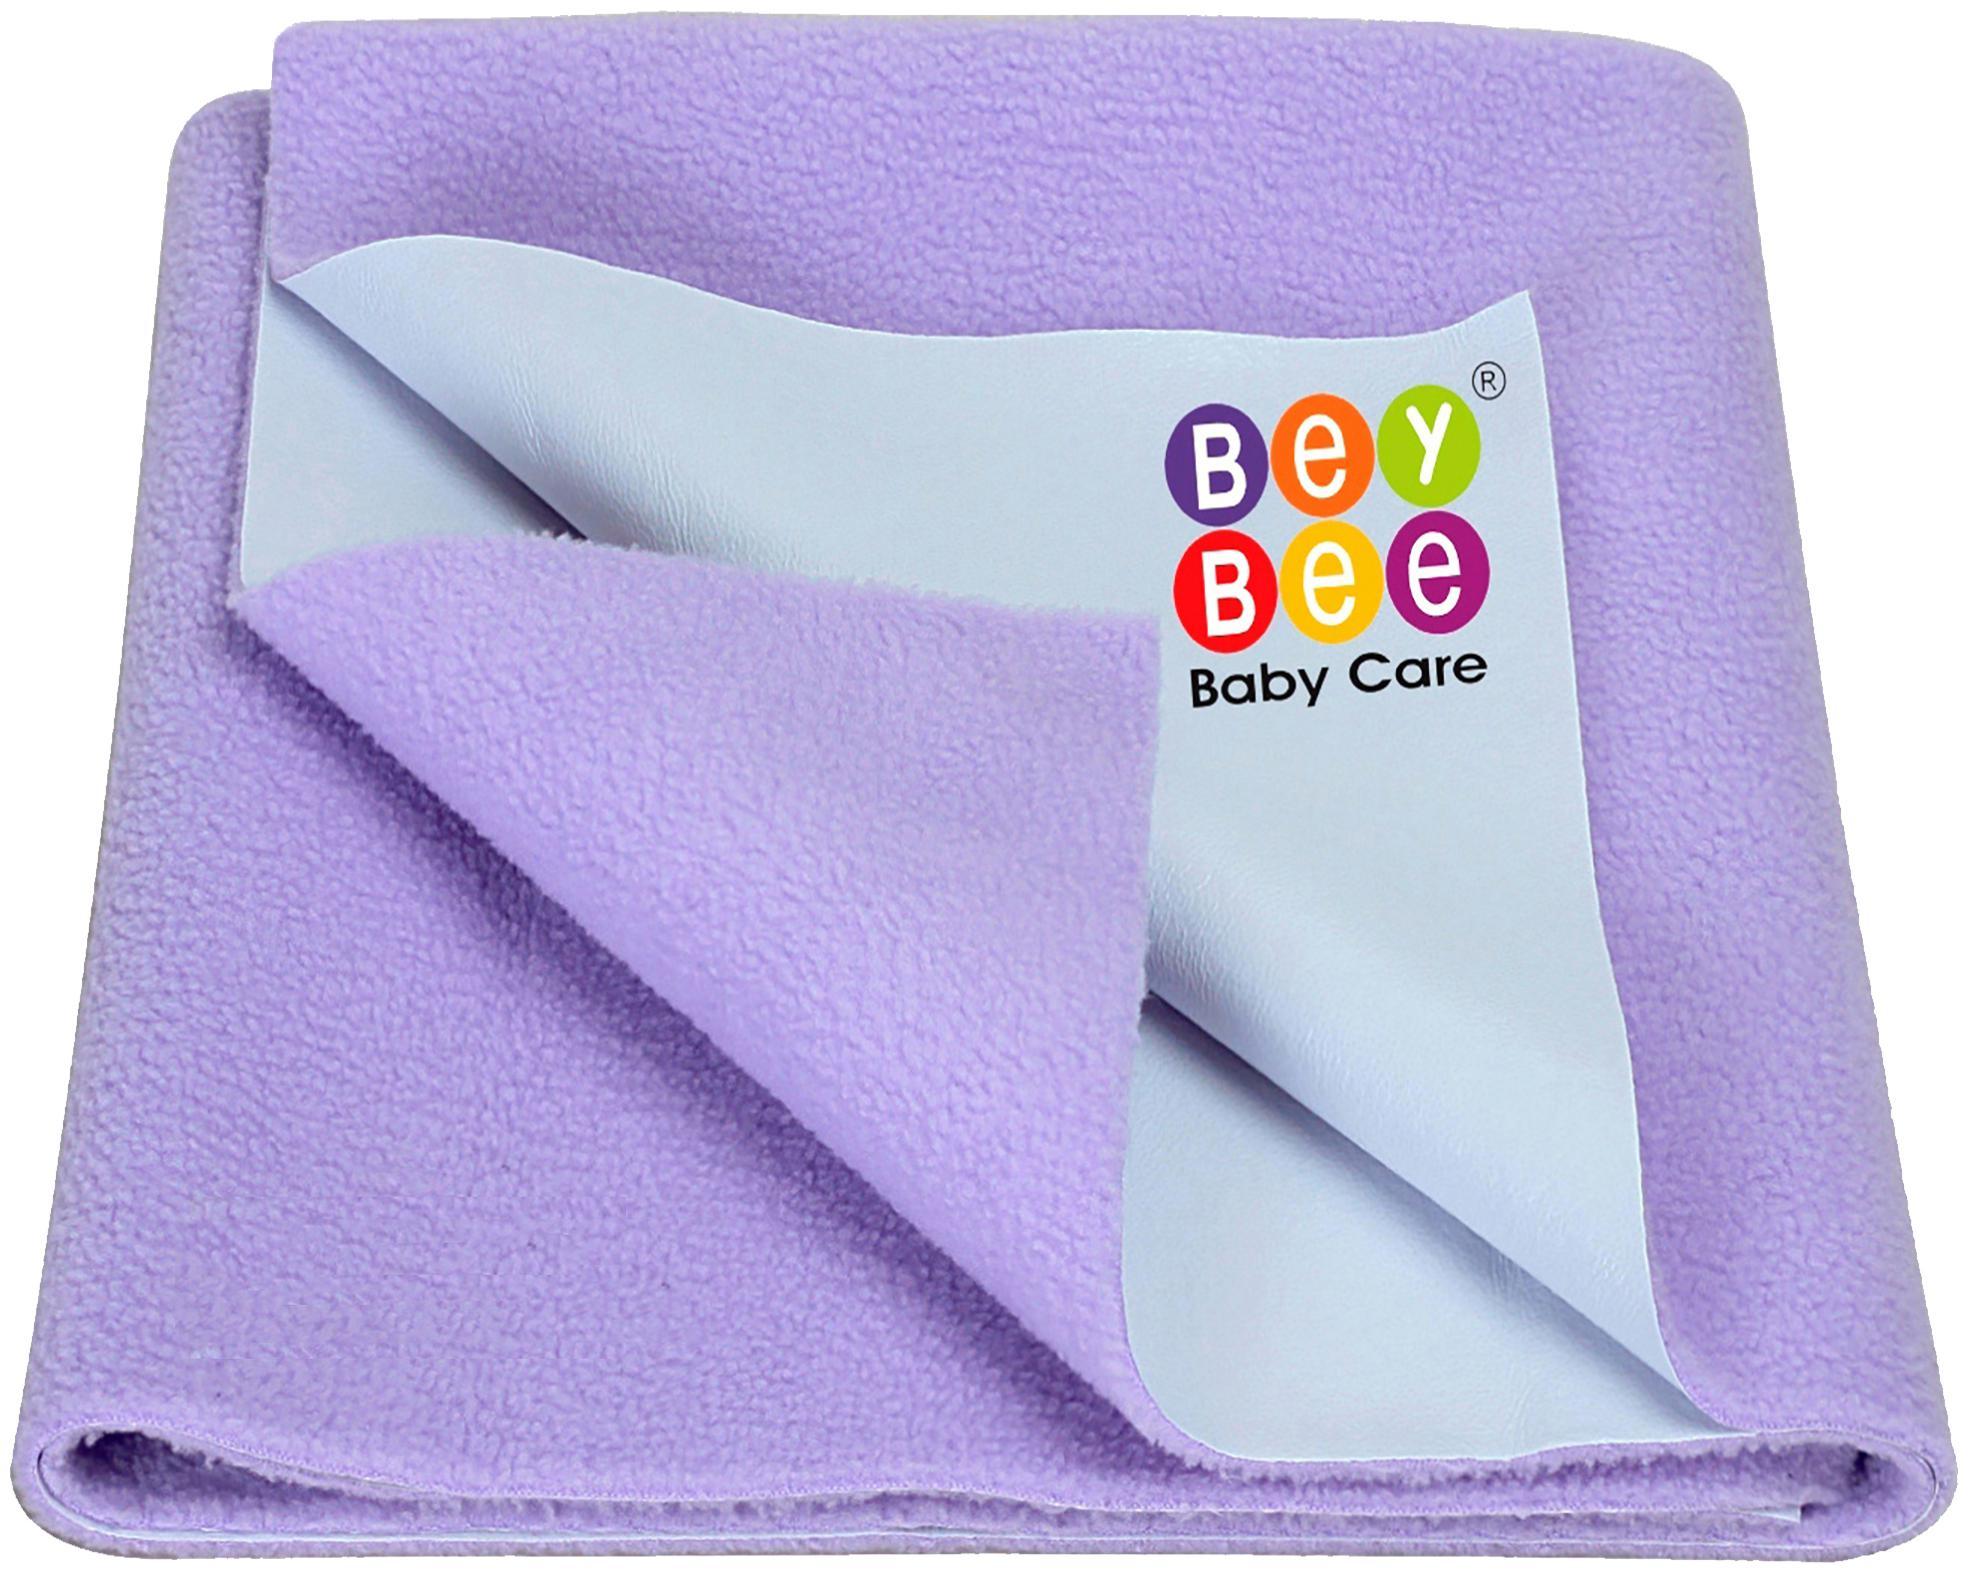 Bey Bee wasserdichte Bett-Schutzfolie für Baby Care - Klein-Ek6